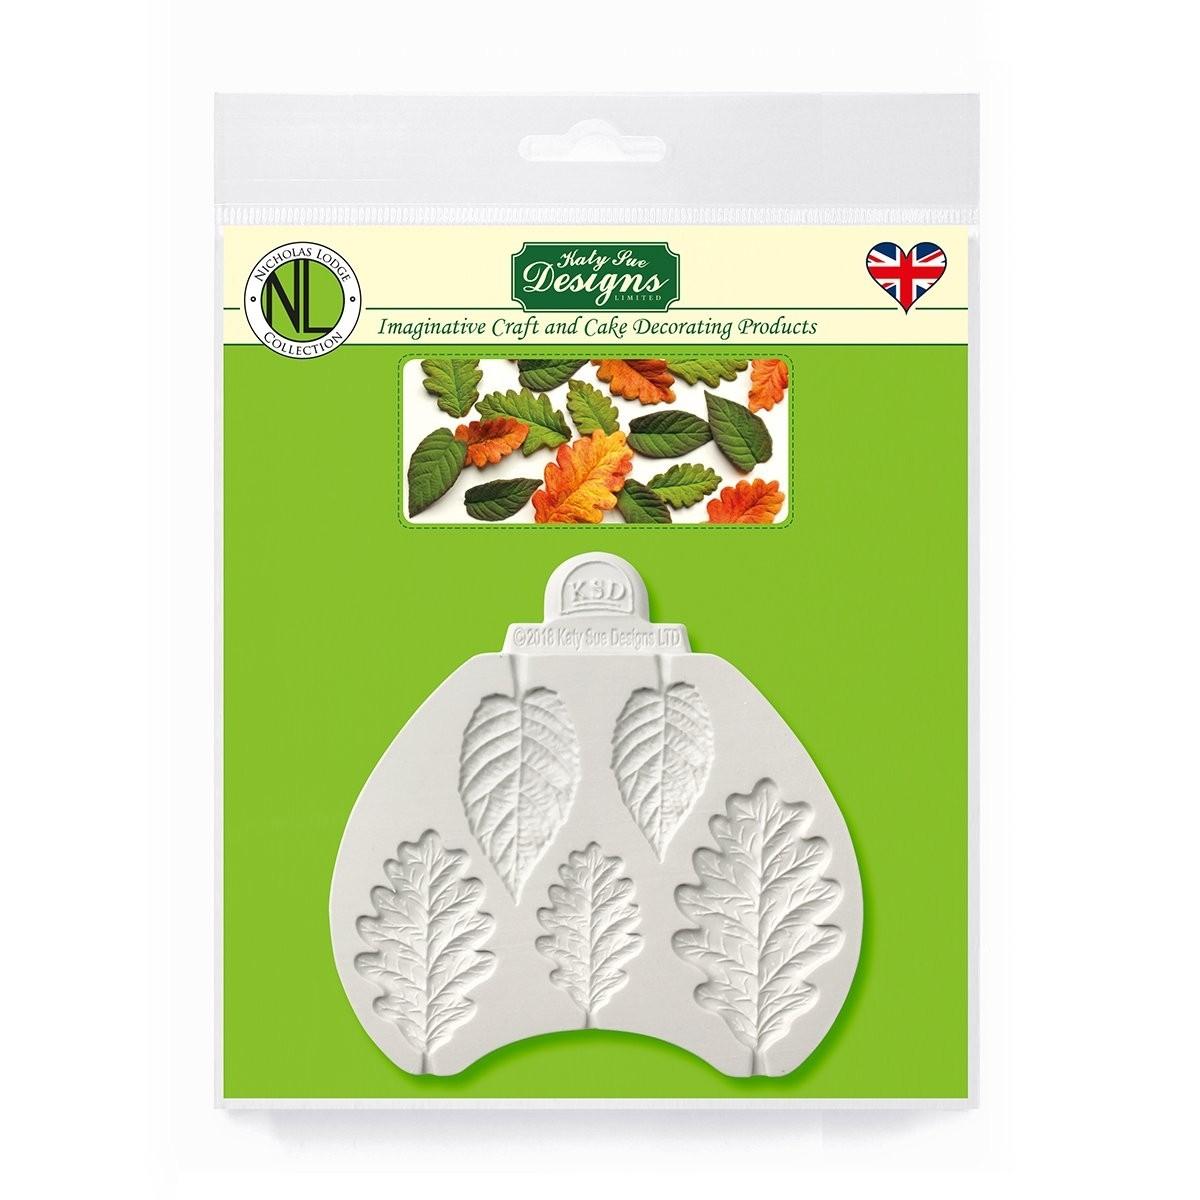 Katy Sue Designs Blackberry & Oak leaves